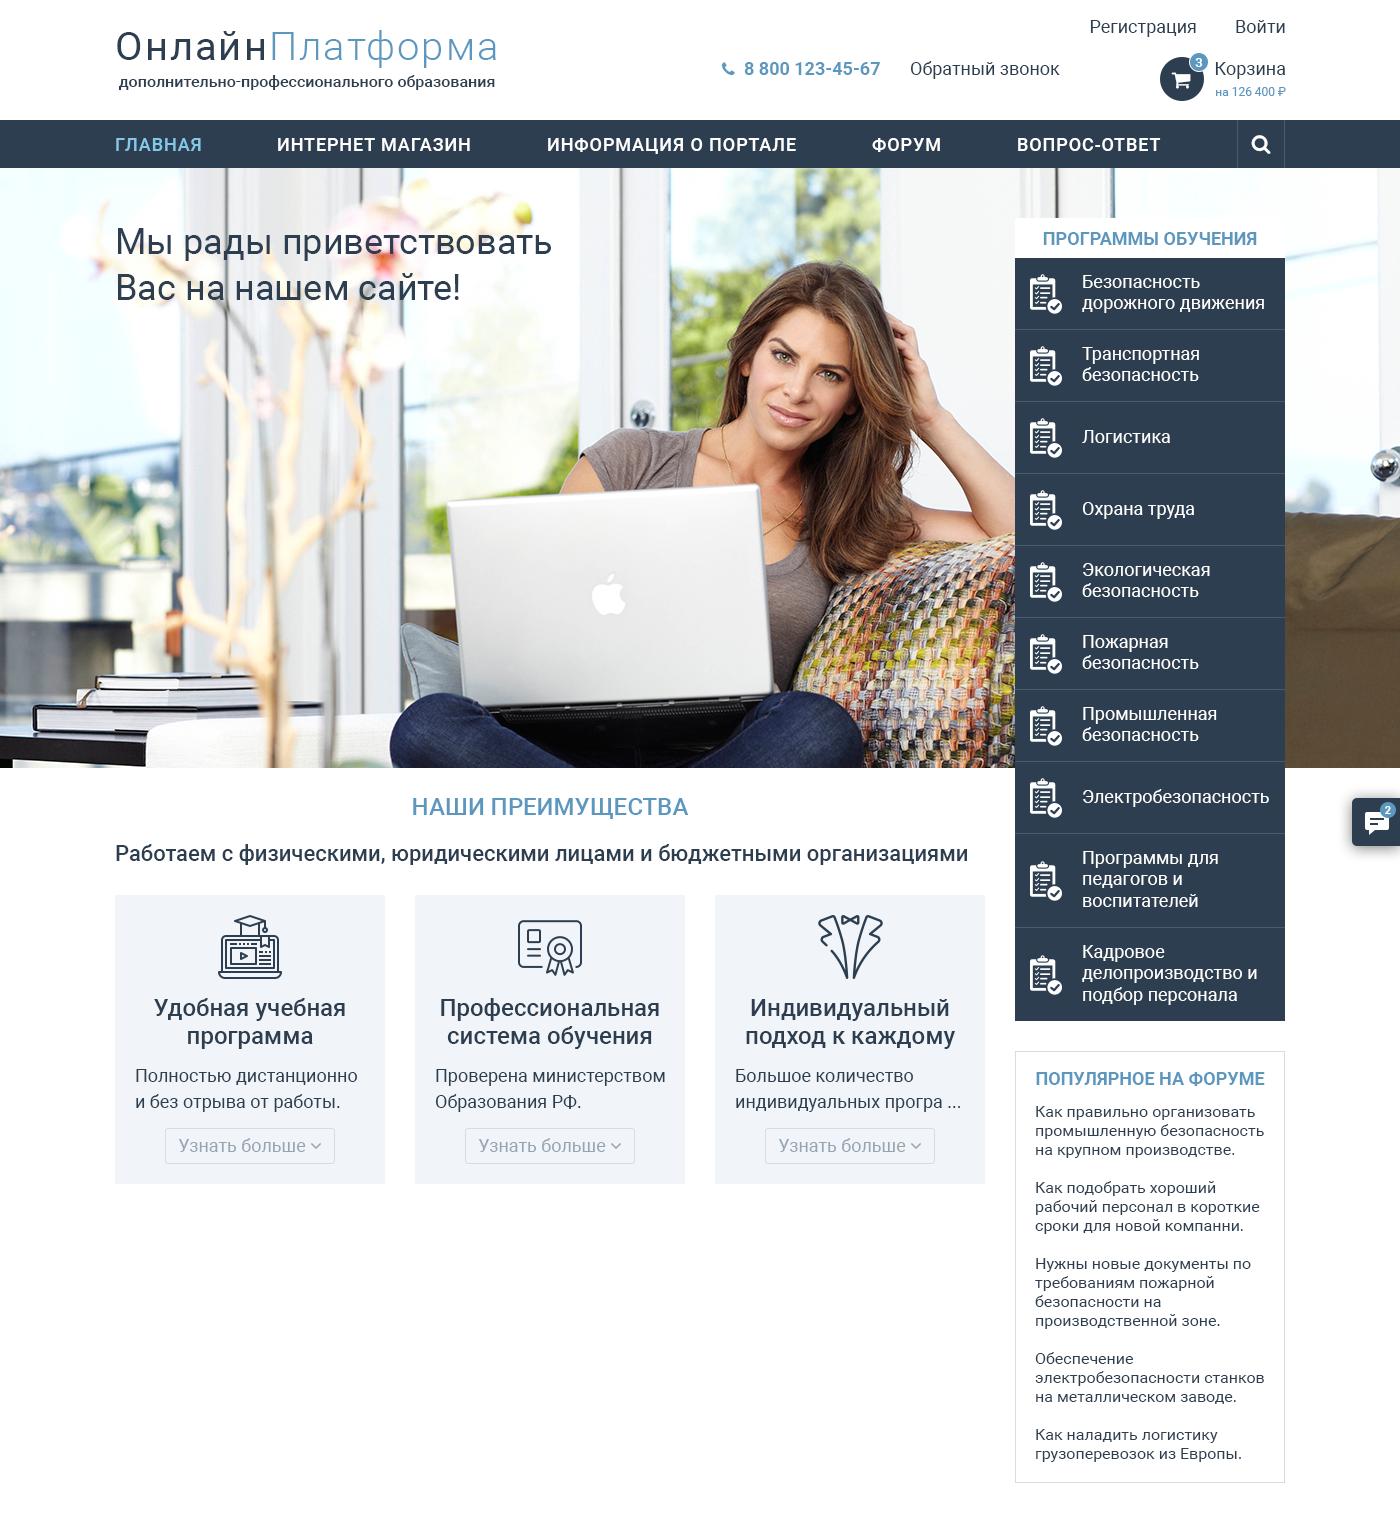 Требуется дизайн сайта занимающегося дистанционным обучением фото f_773588a630c74463.png